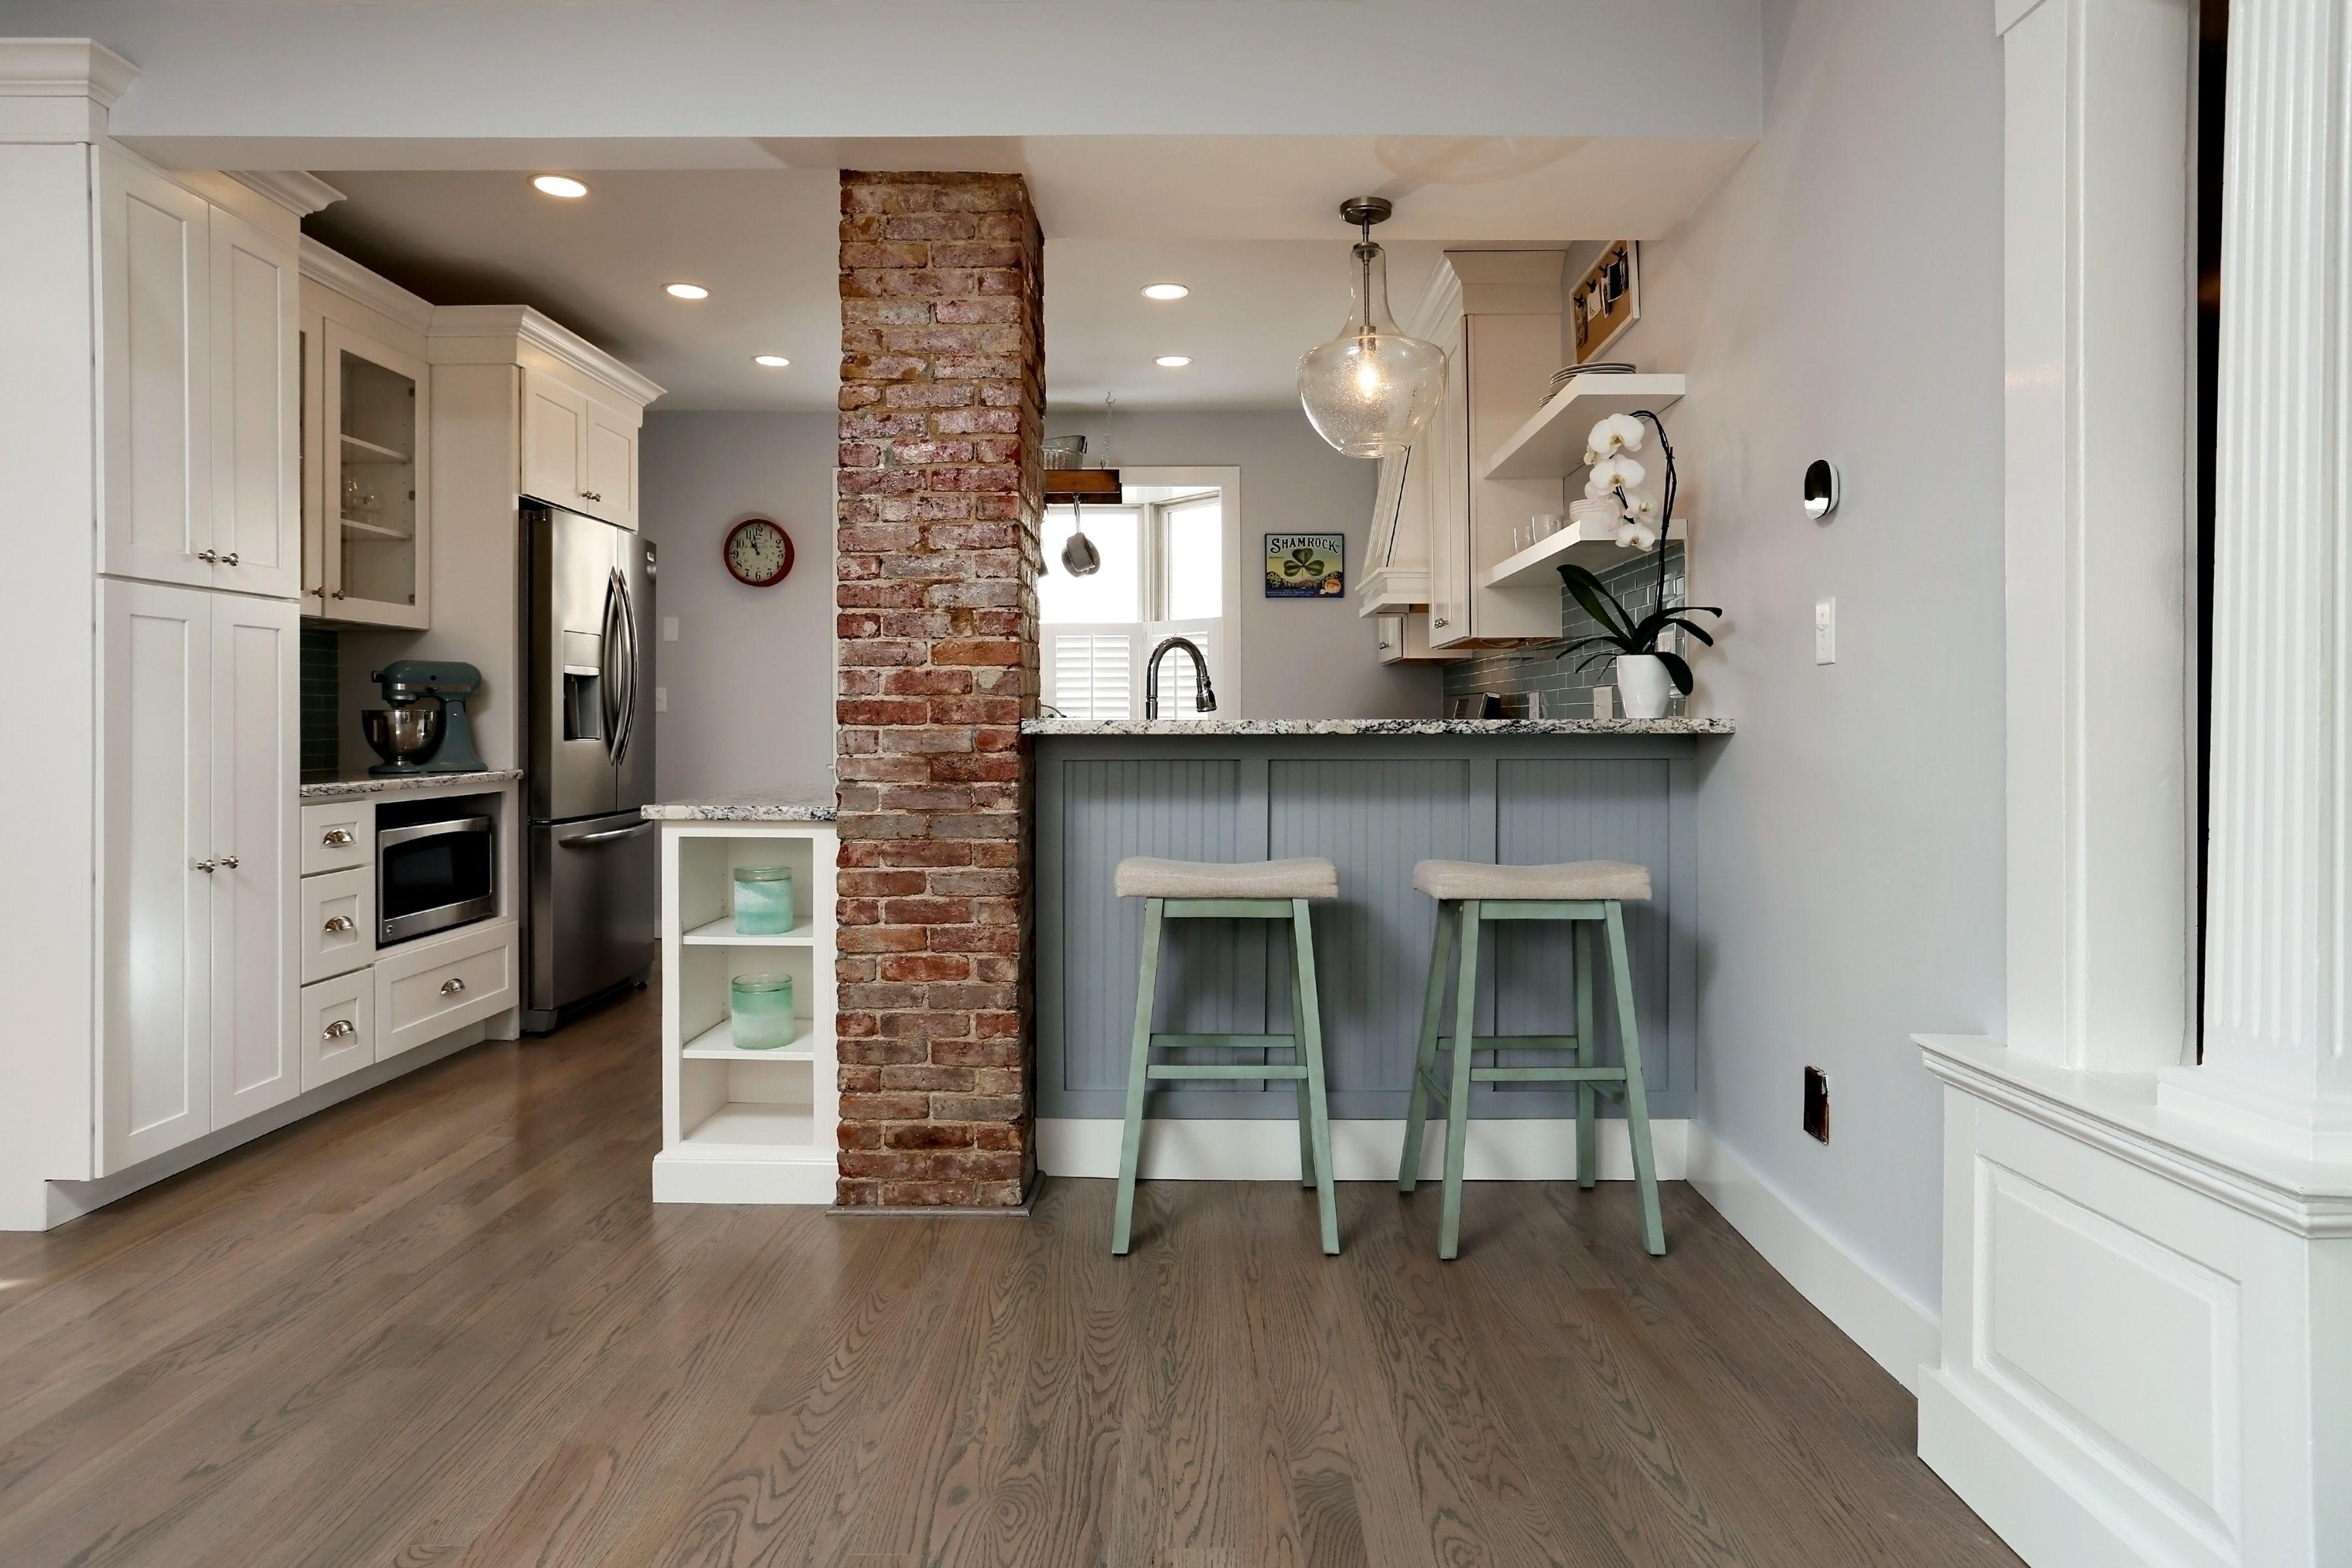 Small Kitchen Design Commerical Interior Design Kitchen Design Small Kitchen Design